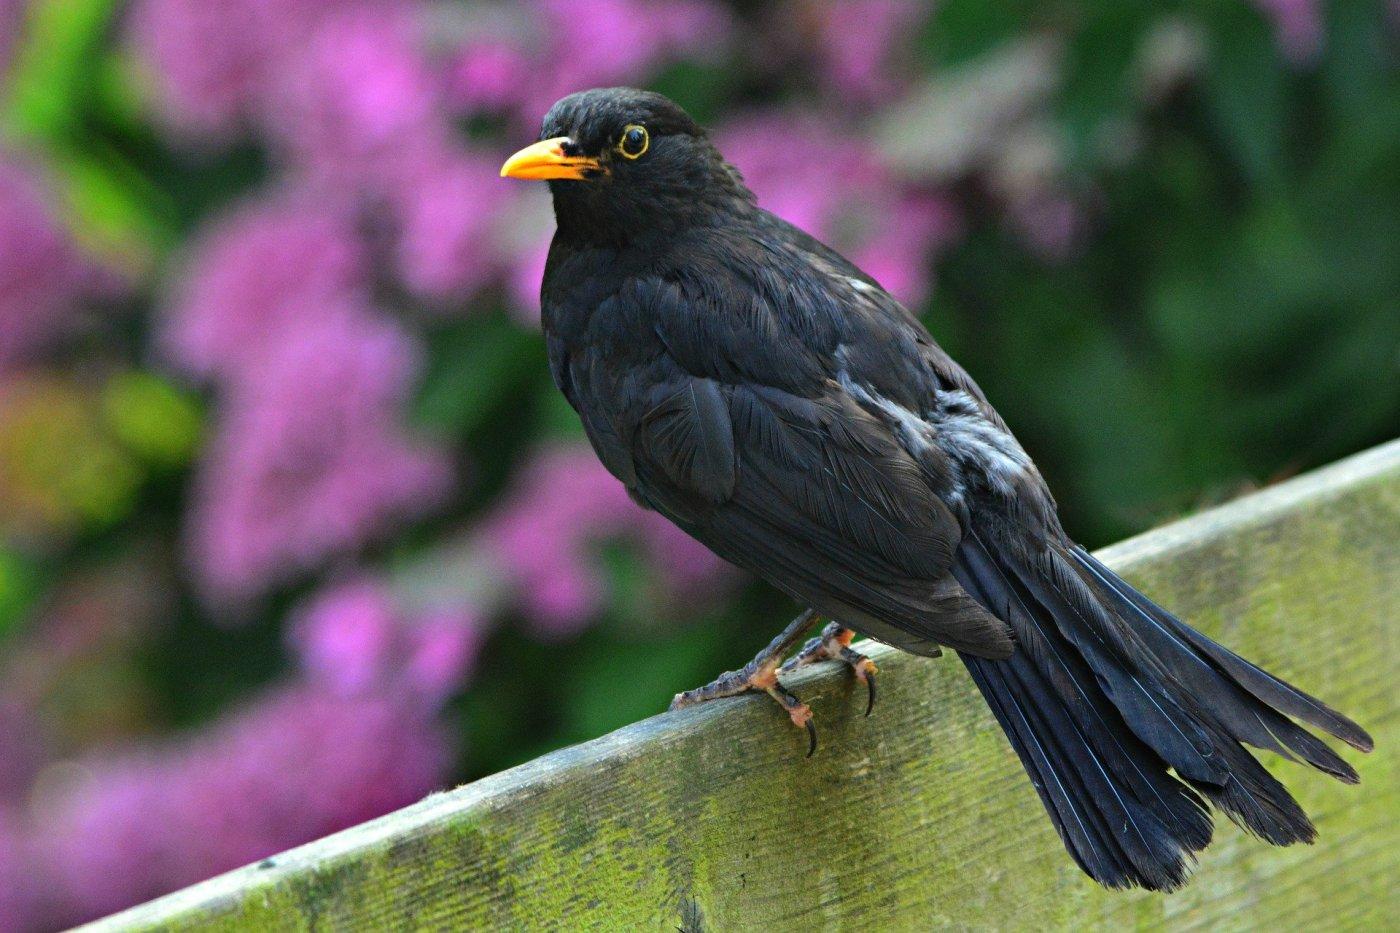 Bird as a symbol of life